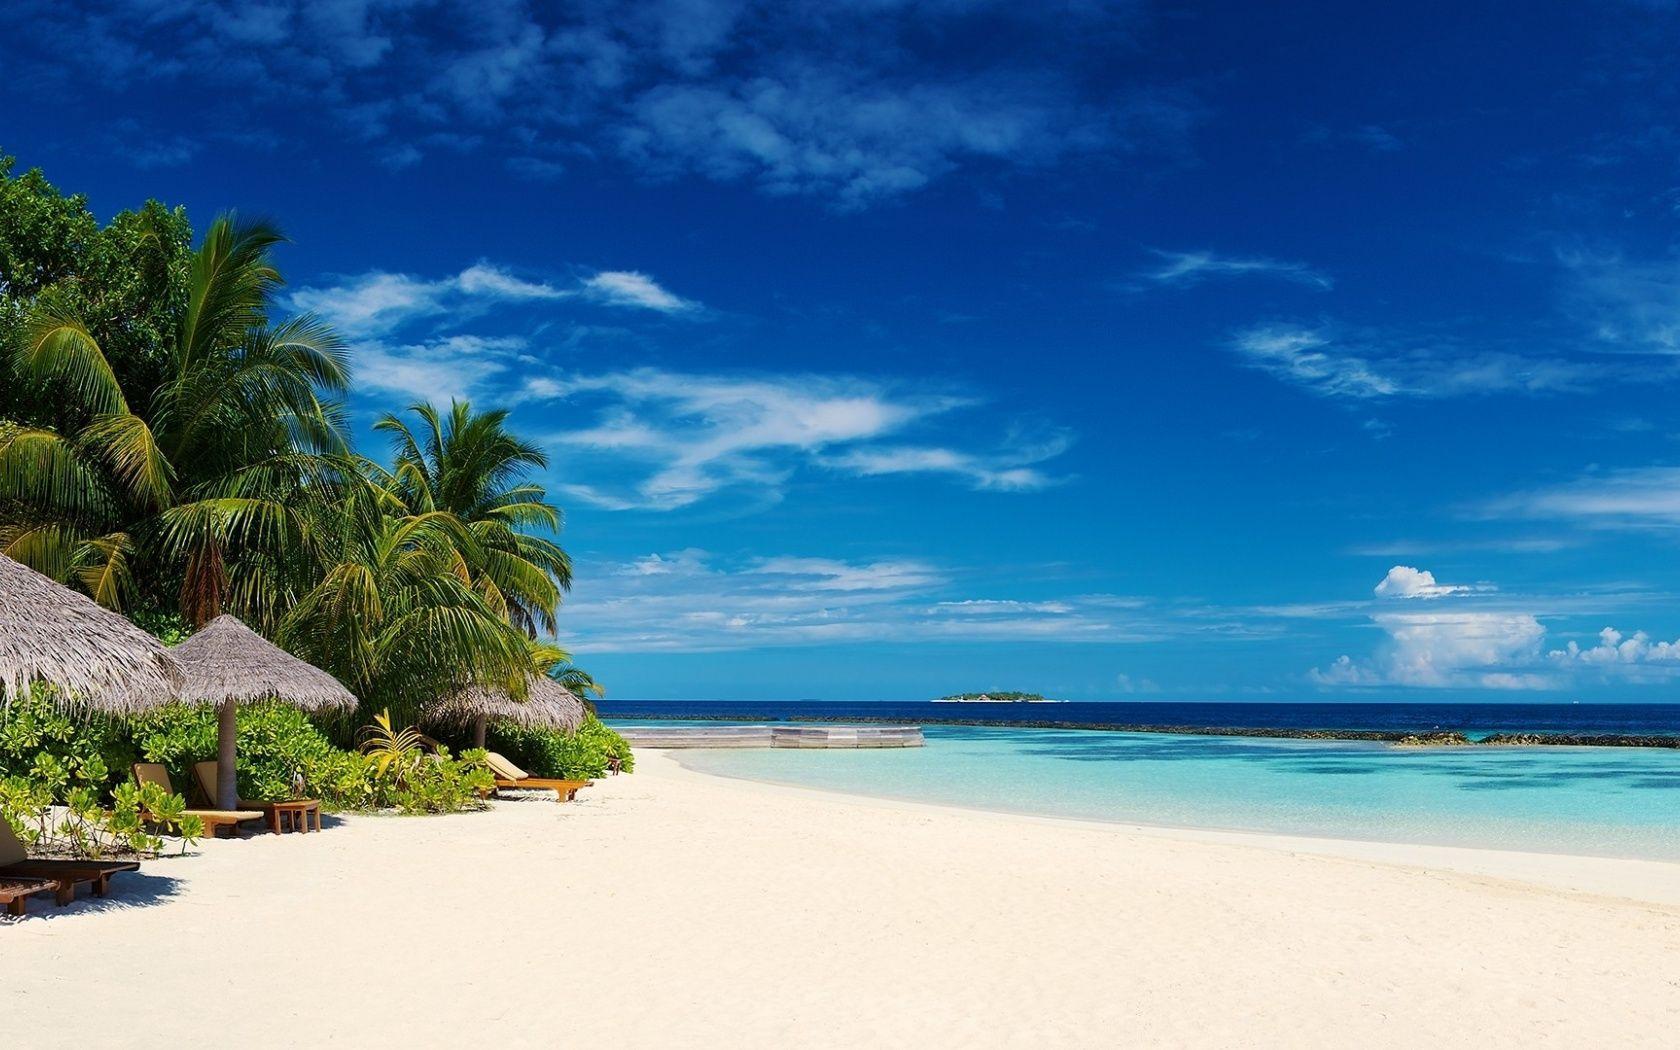 1680x1050 Tropical Maldives Island Beach Hình nền máy tính để bàn PC và Mac